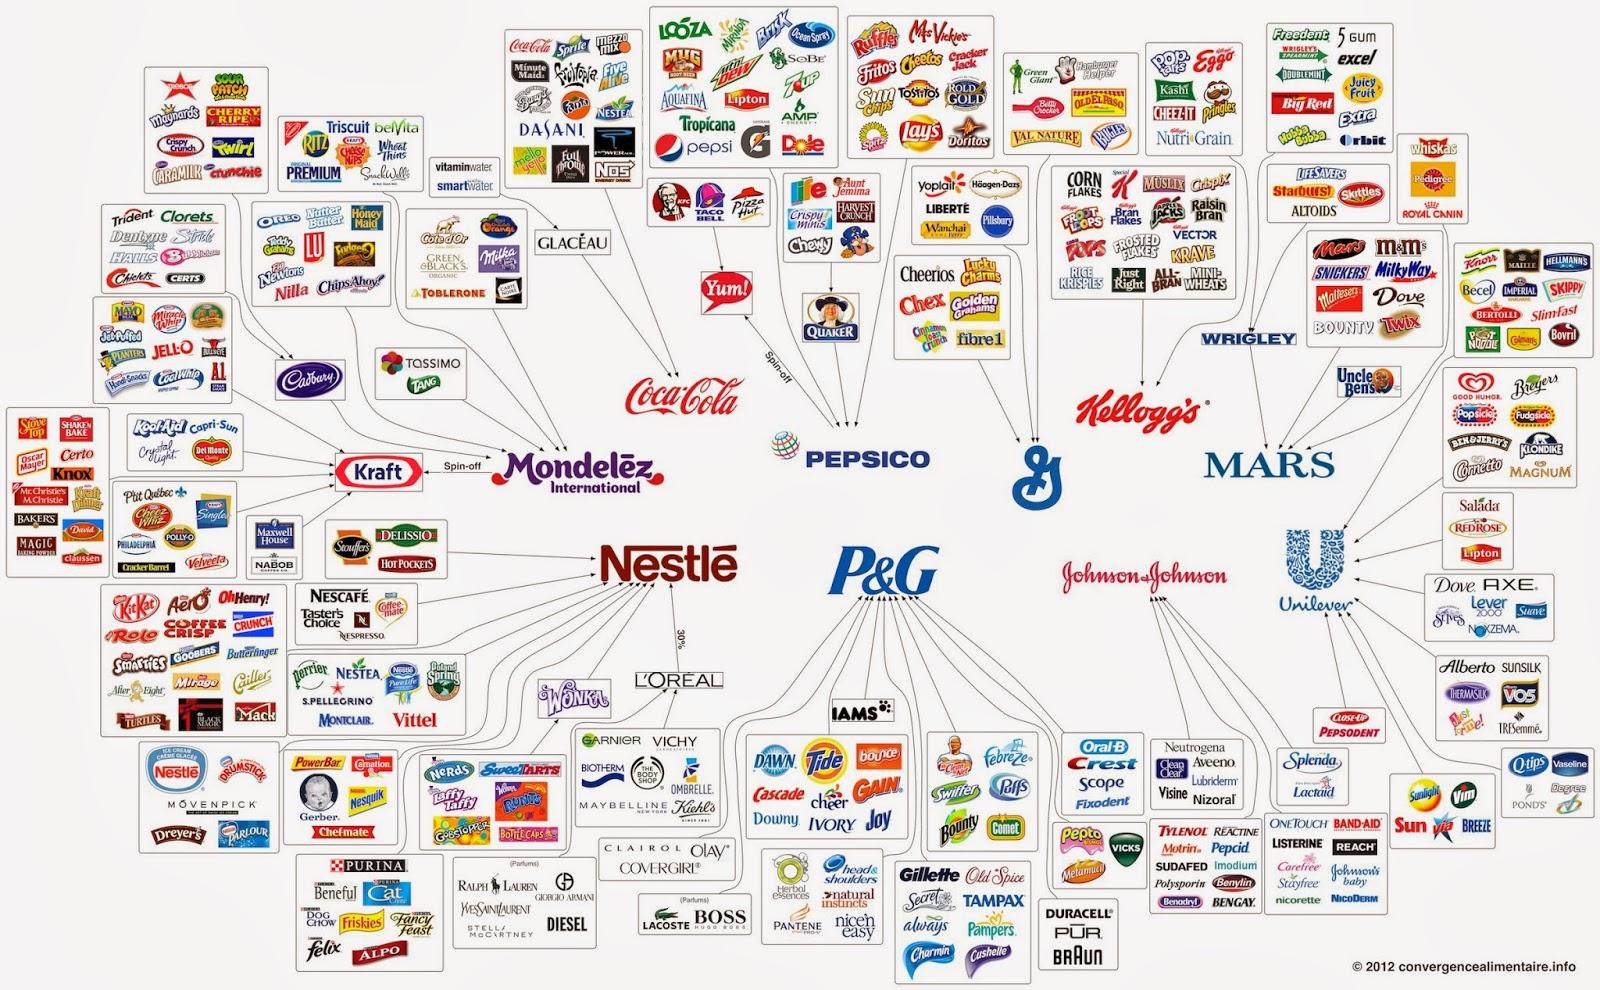 empresas de costa rica